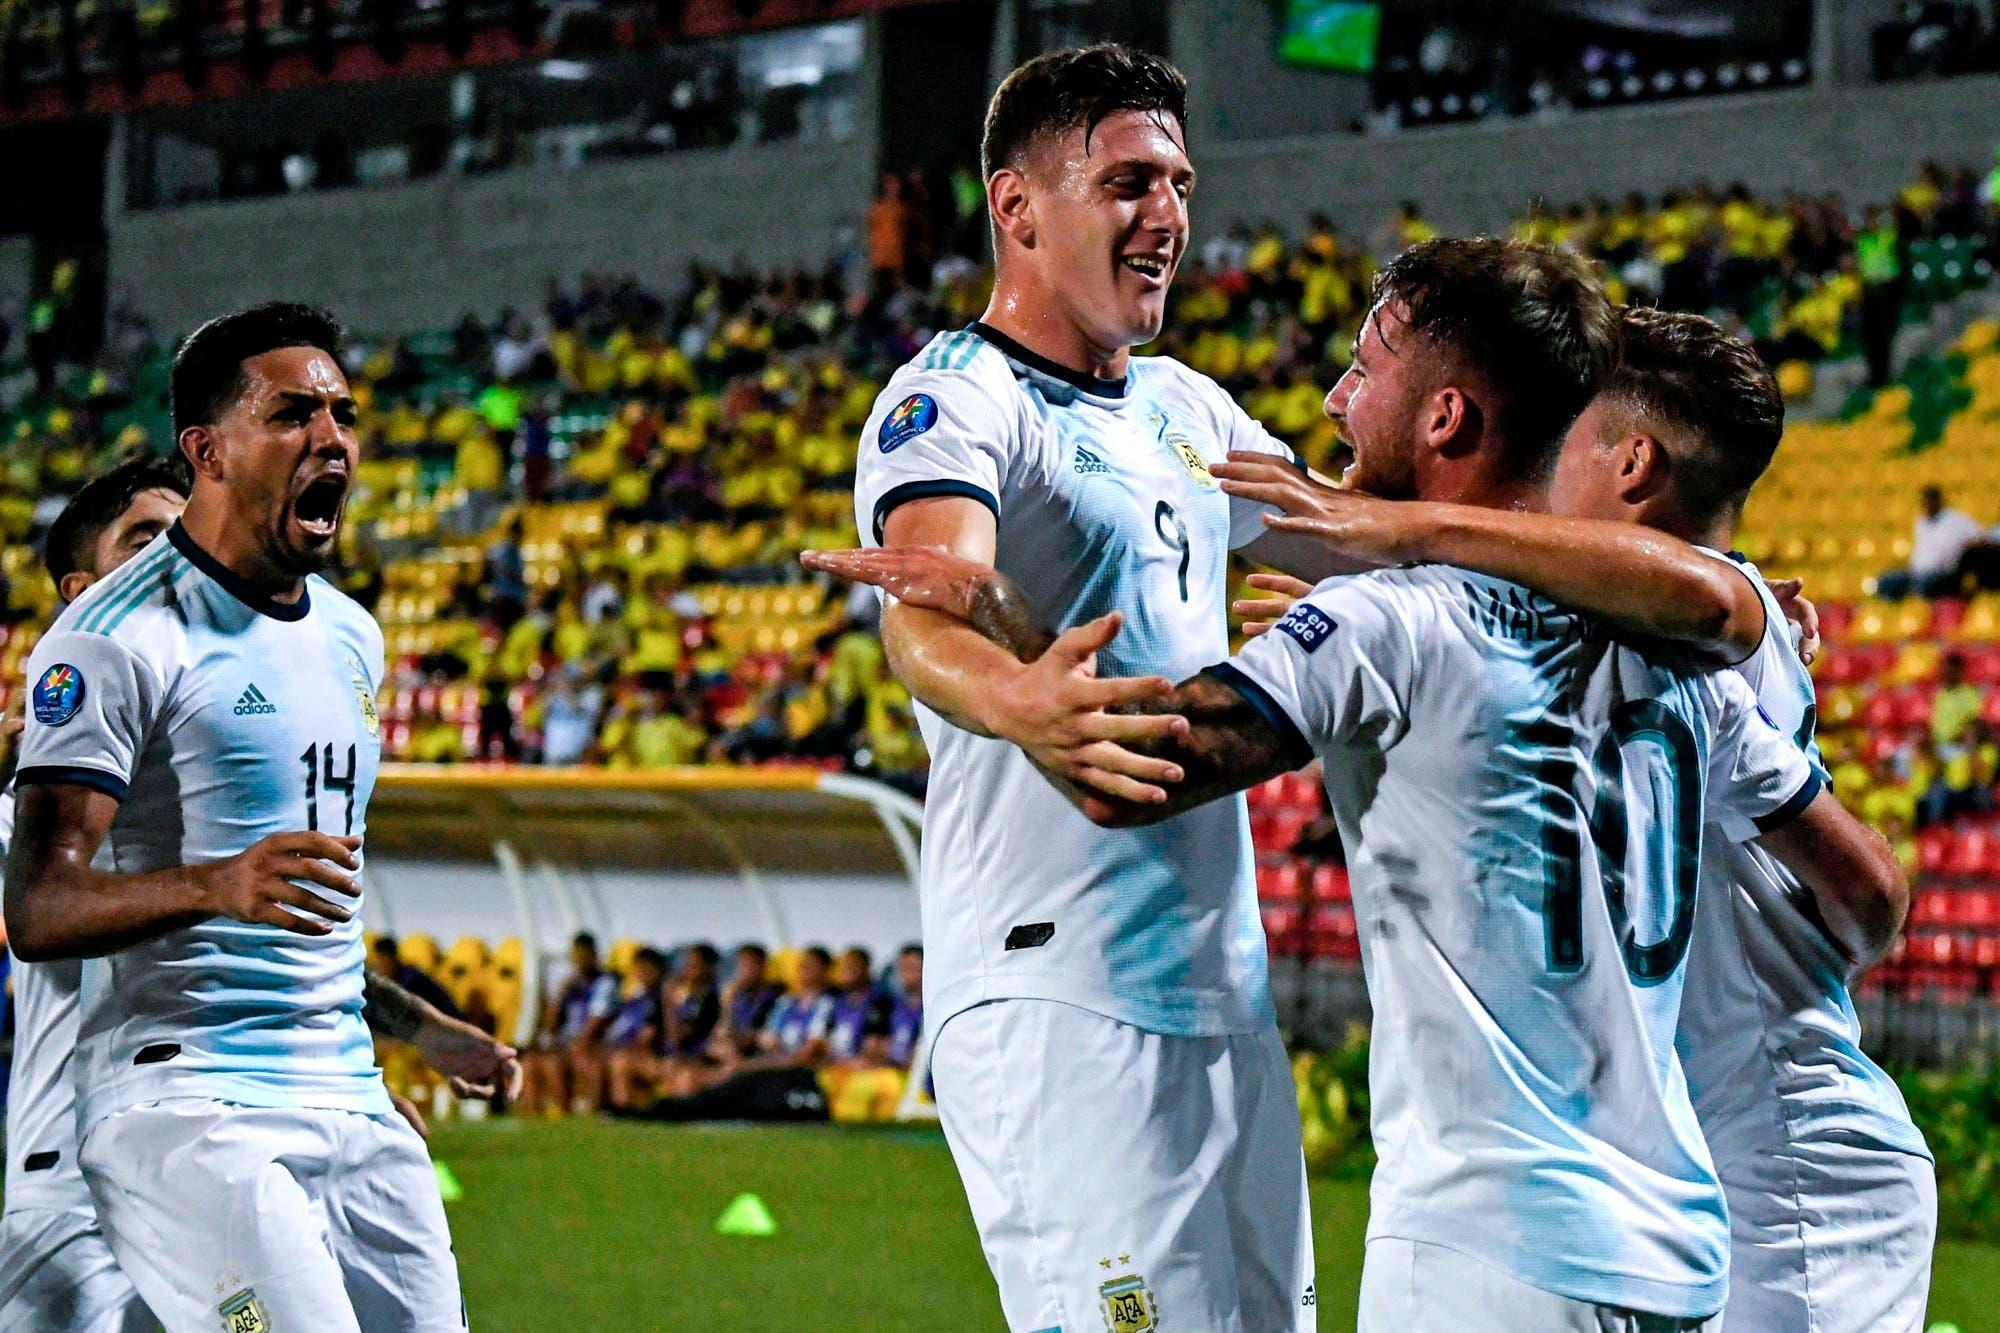 Preolímpico Sub 23. Argentina le gana con autoridad a Uruguay